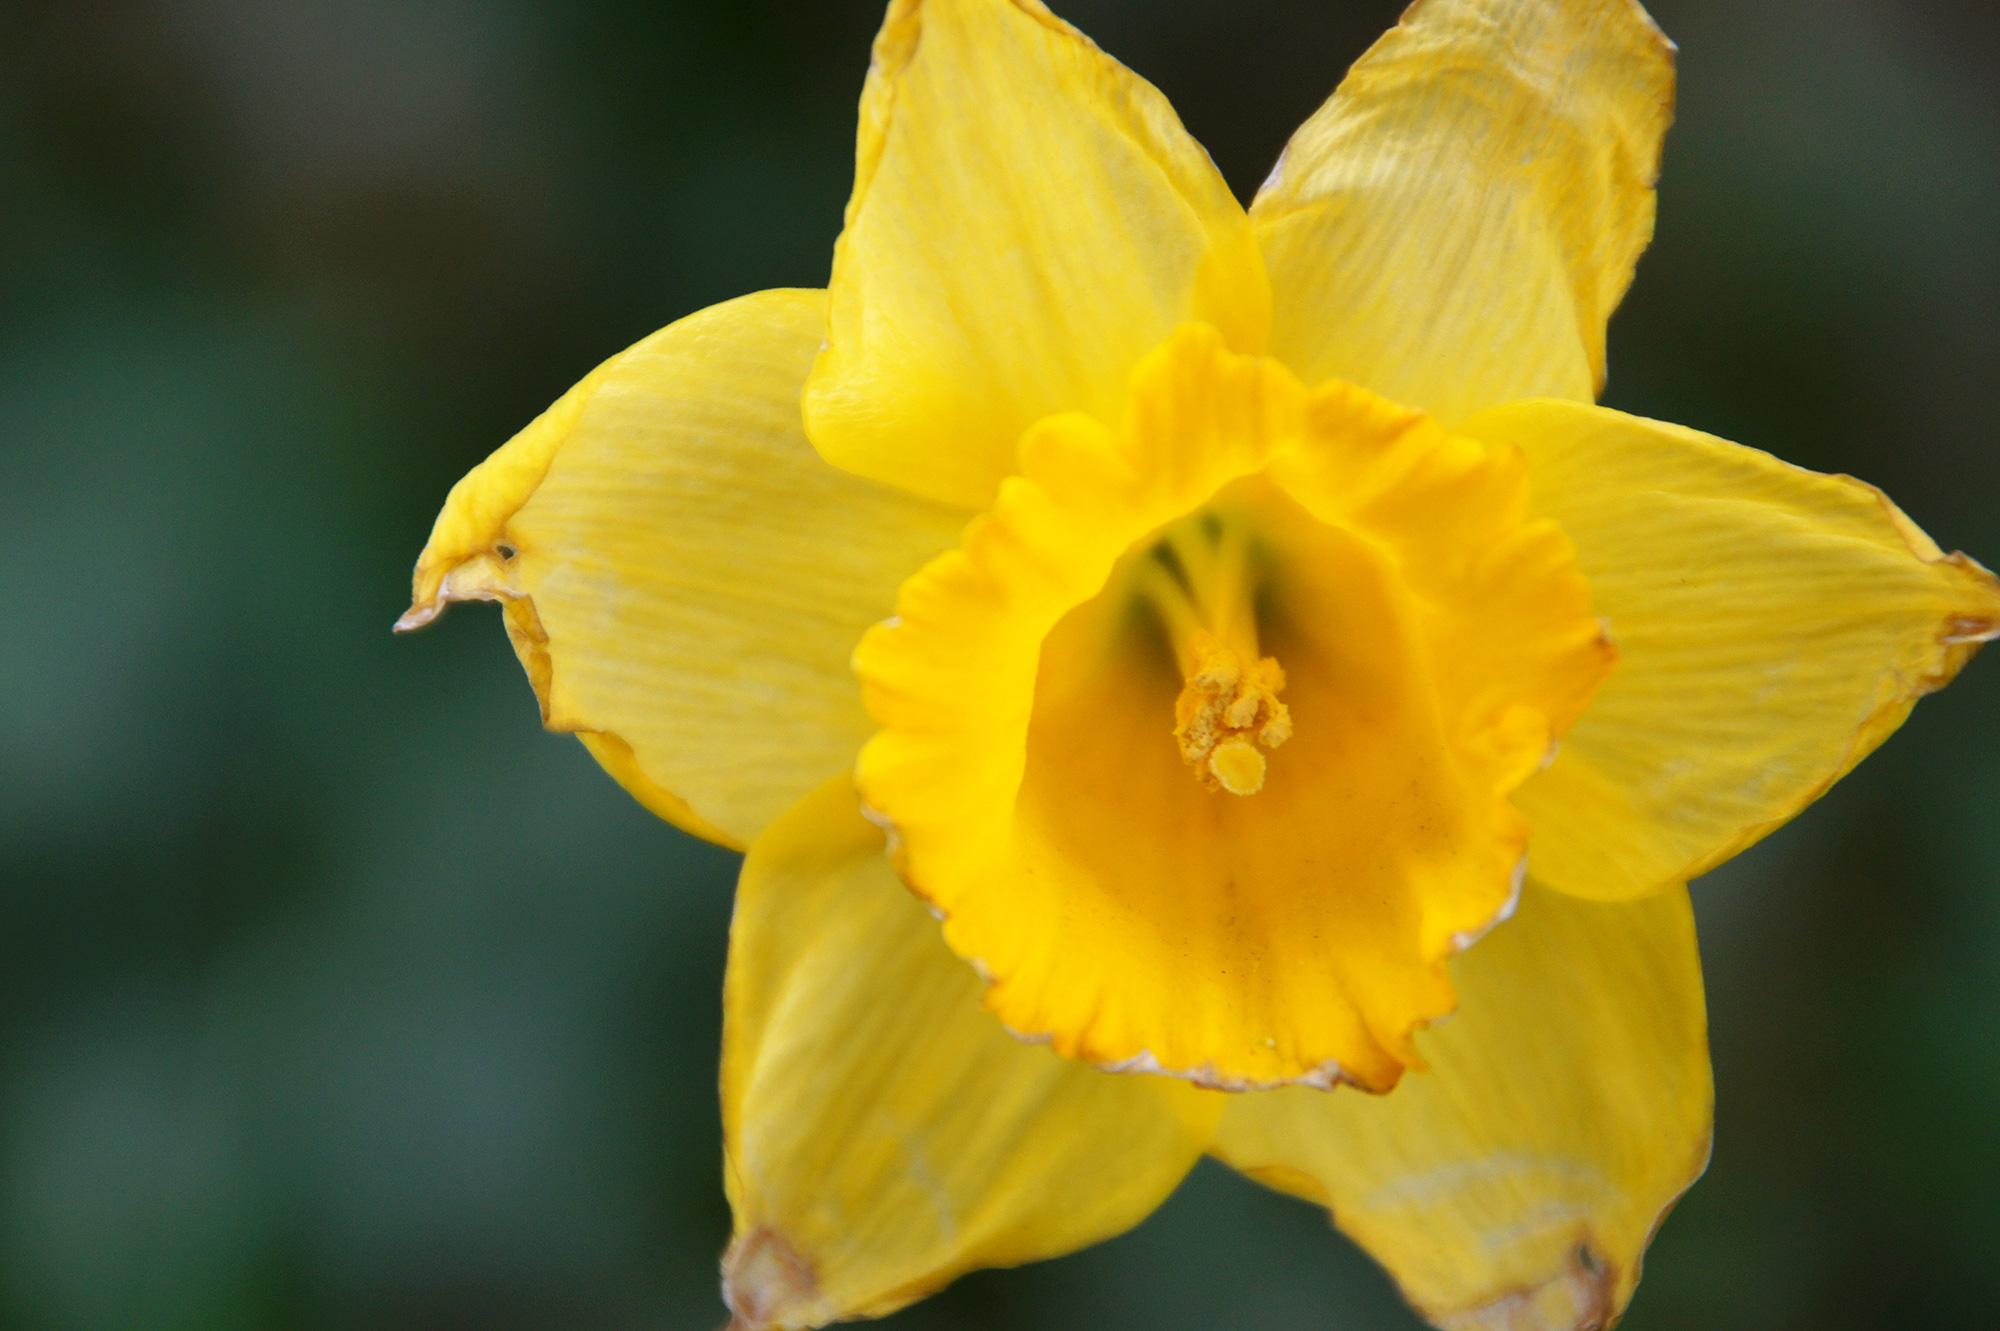 水仙の黄色い花の写真のフリー素材